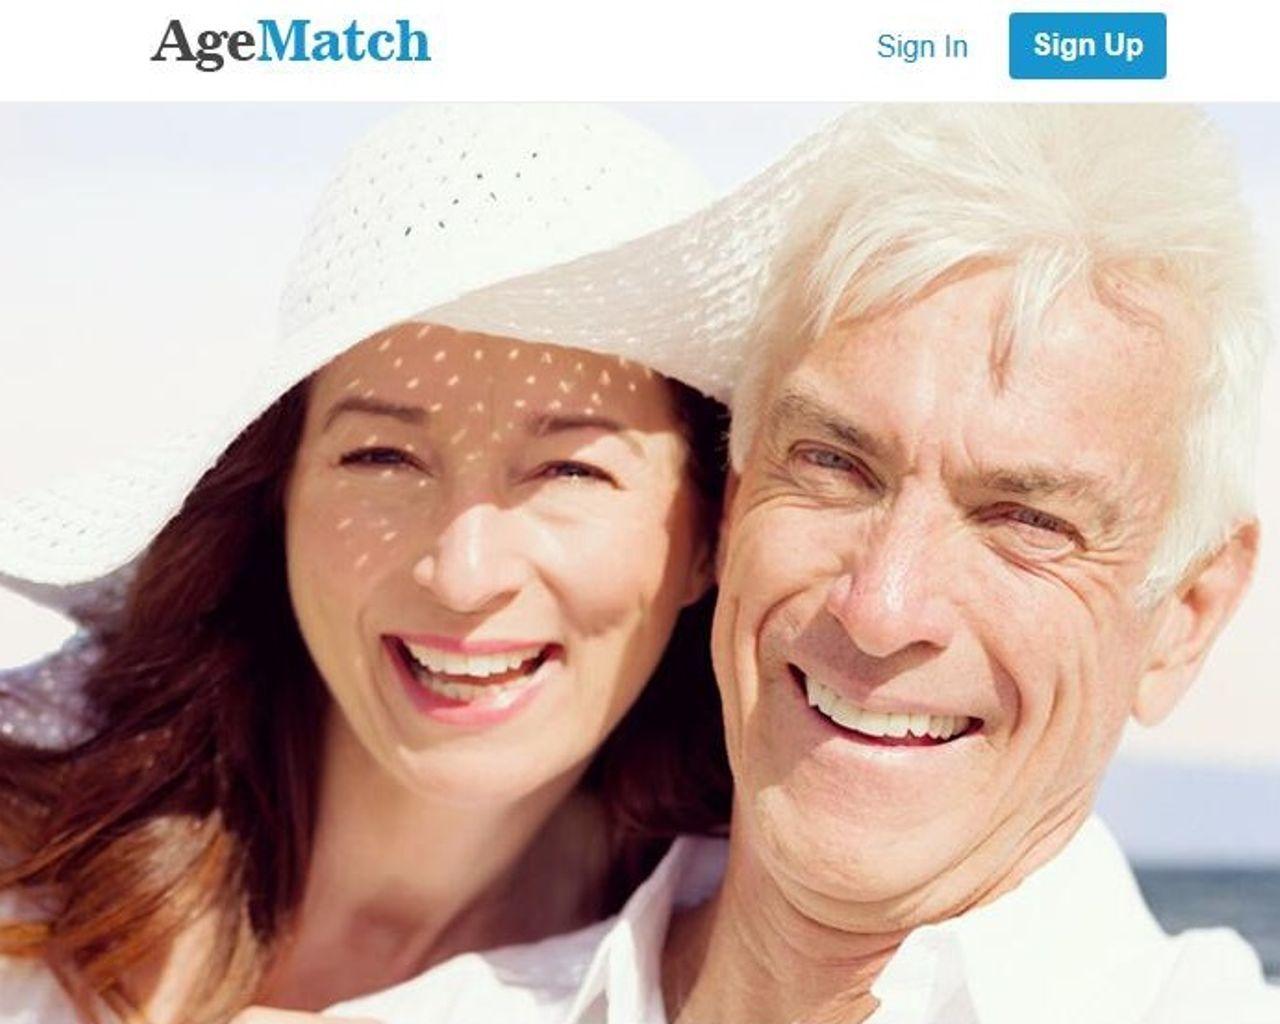 Age Match main image